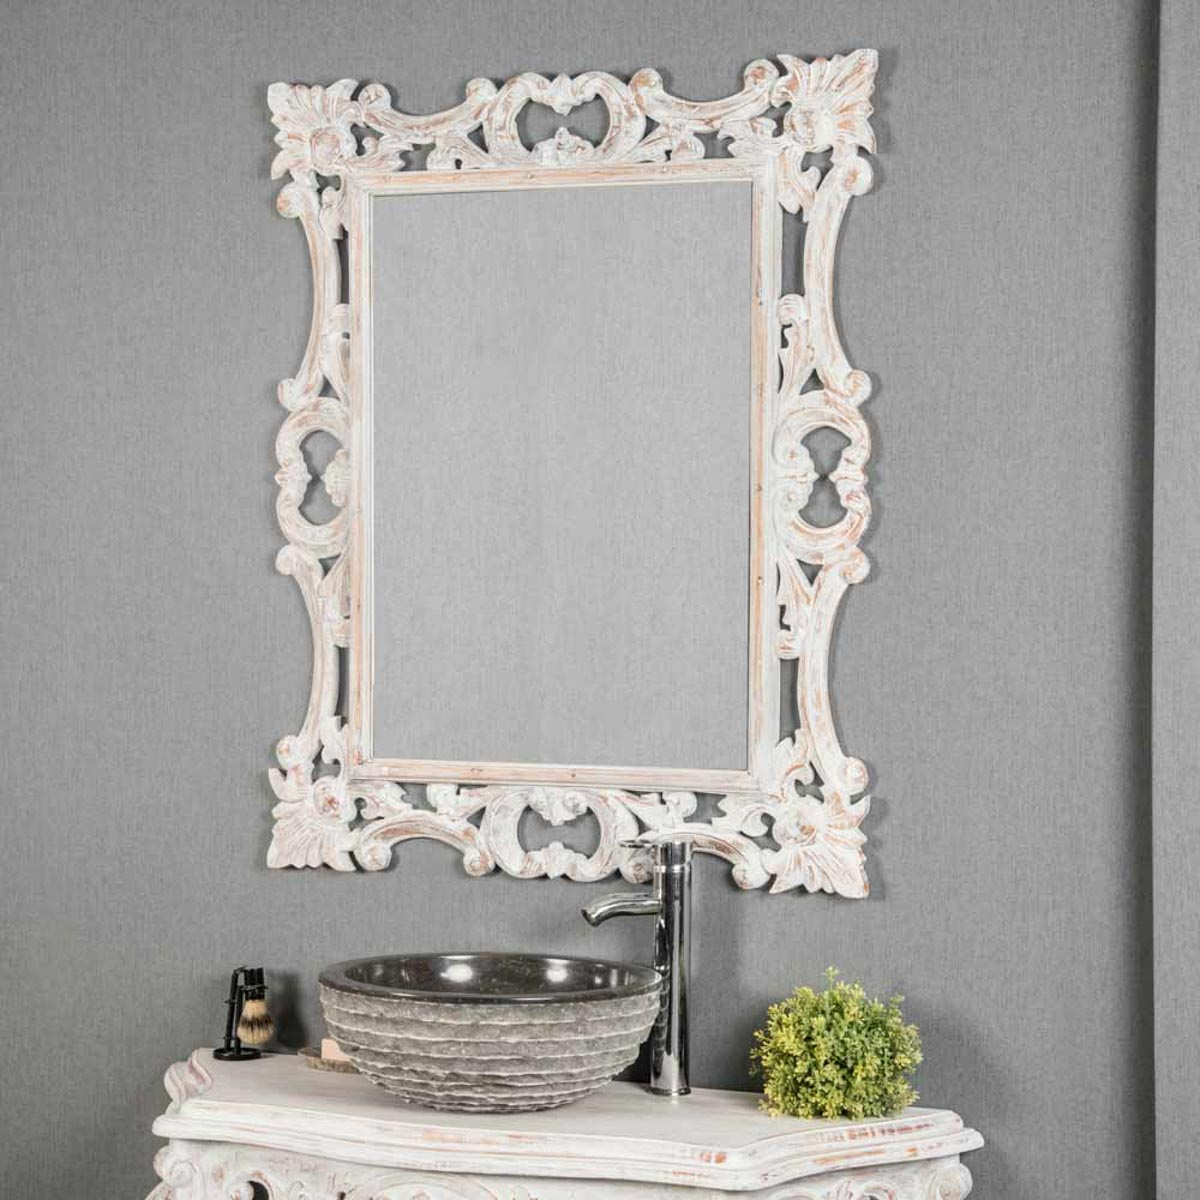 Miroir de d coration en bois massif baroque for Miroir blanc bois